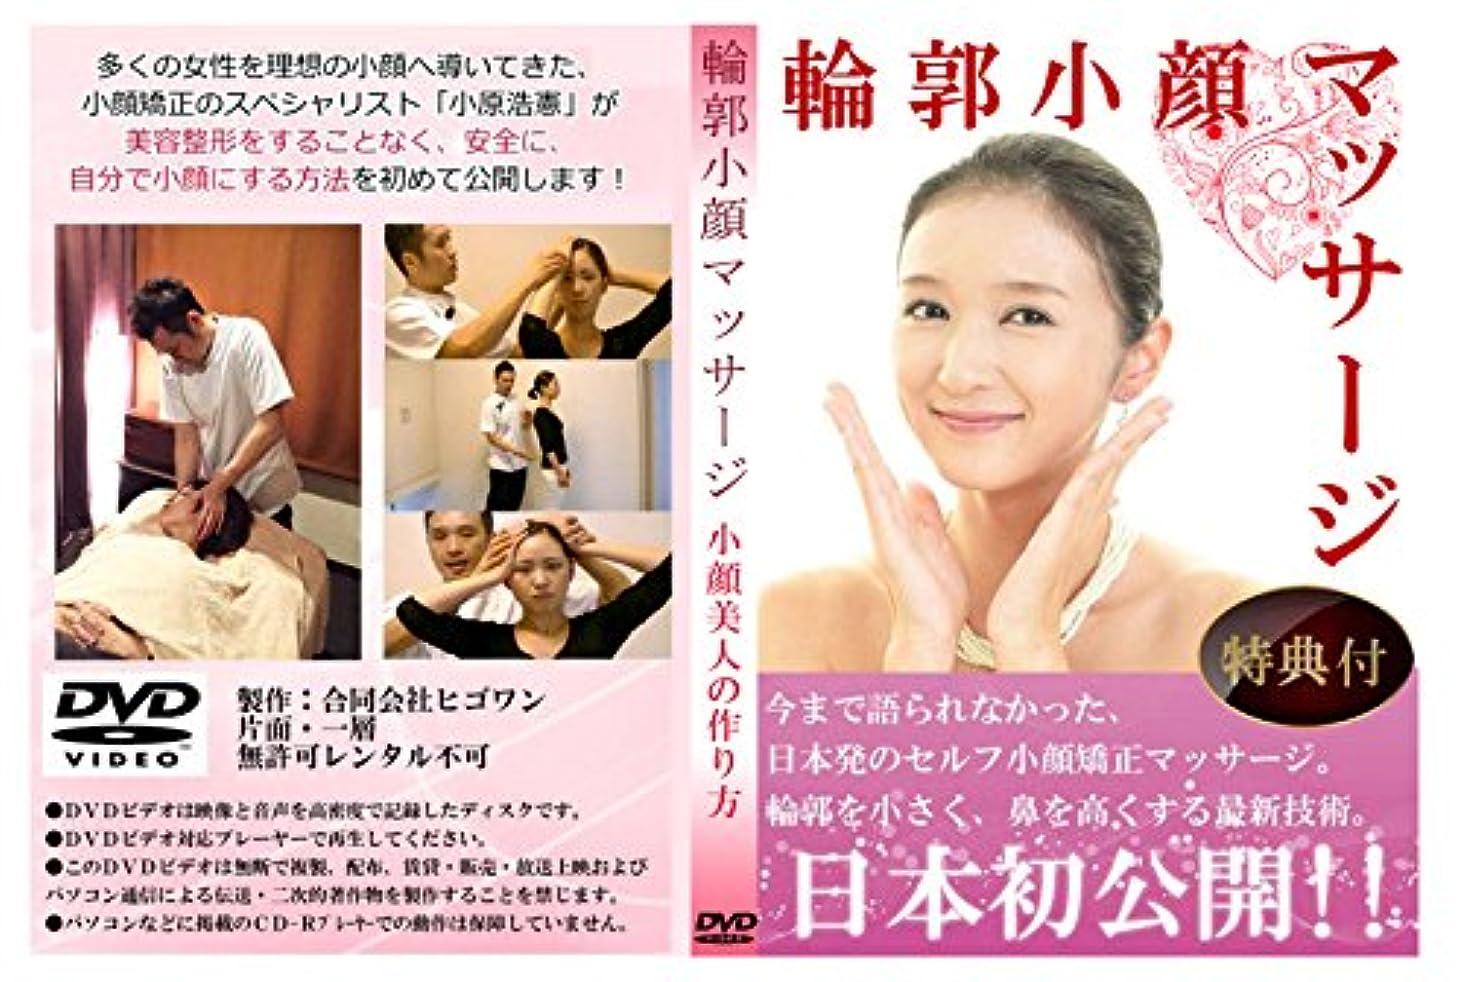 今まで語られることが無かった日本発の極秘の小顔法【輪郭小顔マッサージ】DVD